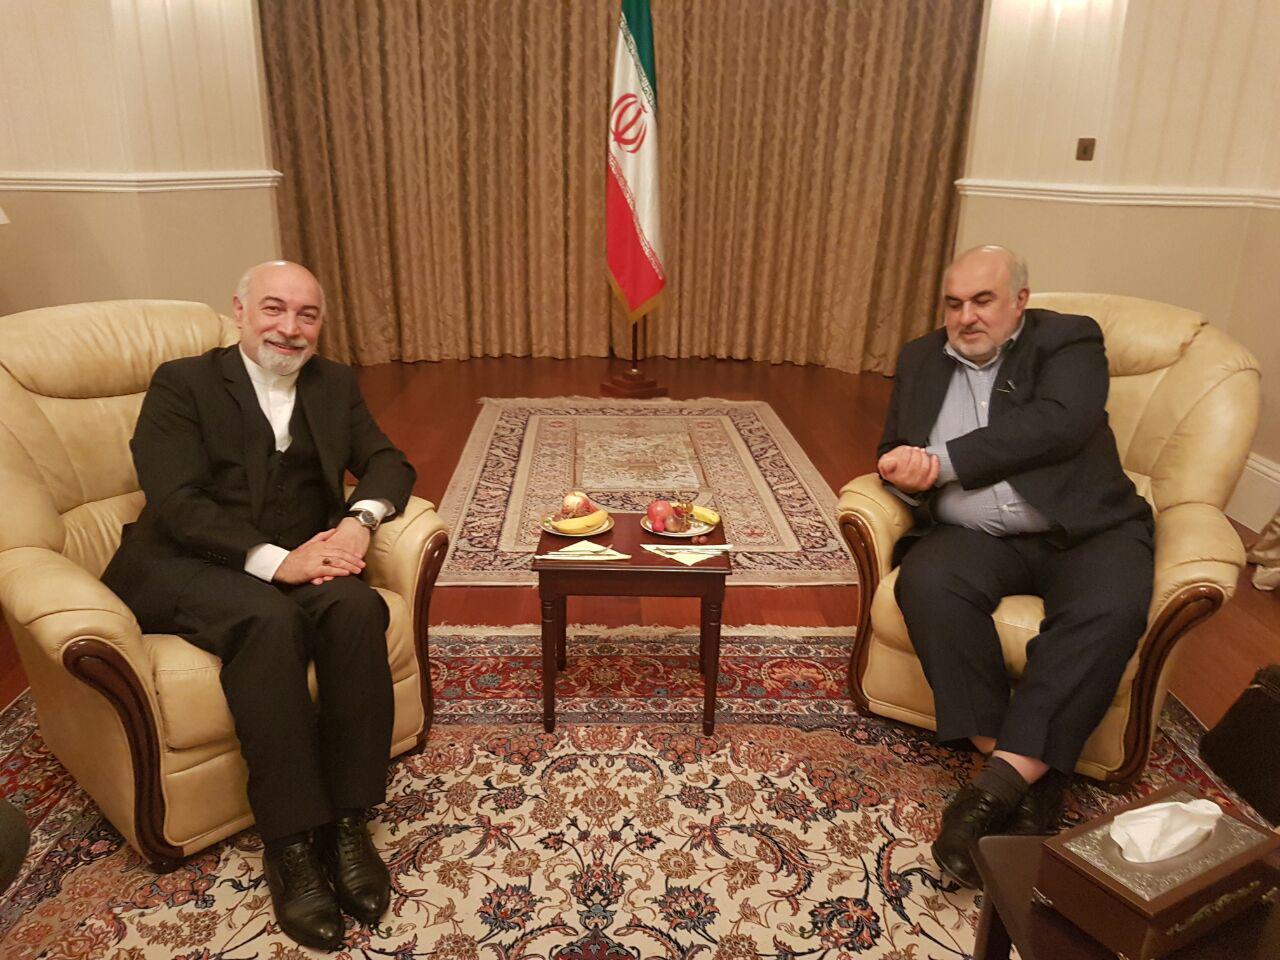 ایرانی ها برای کار به ایرلند می روند!